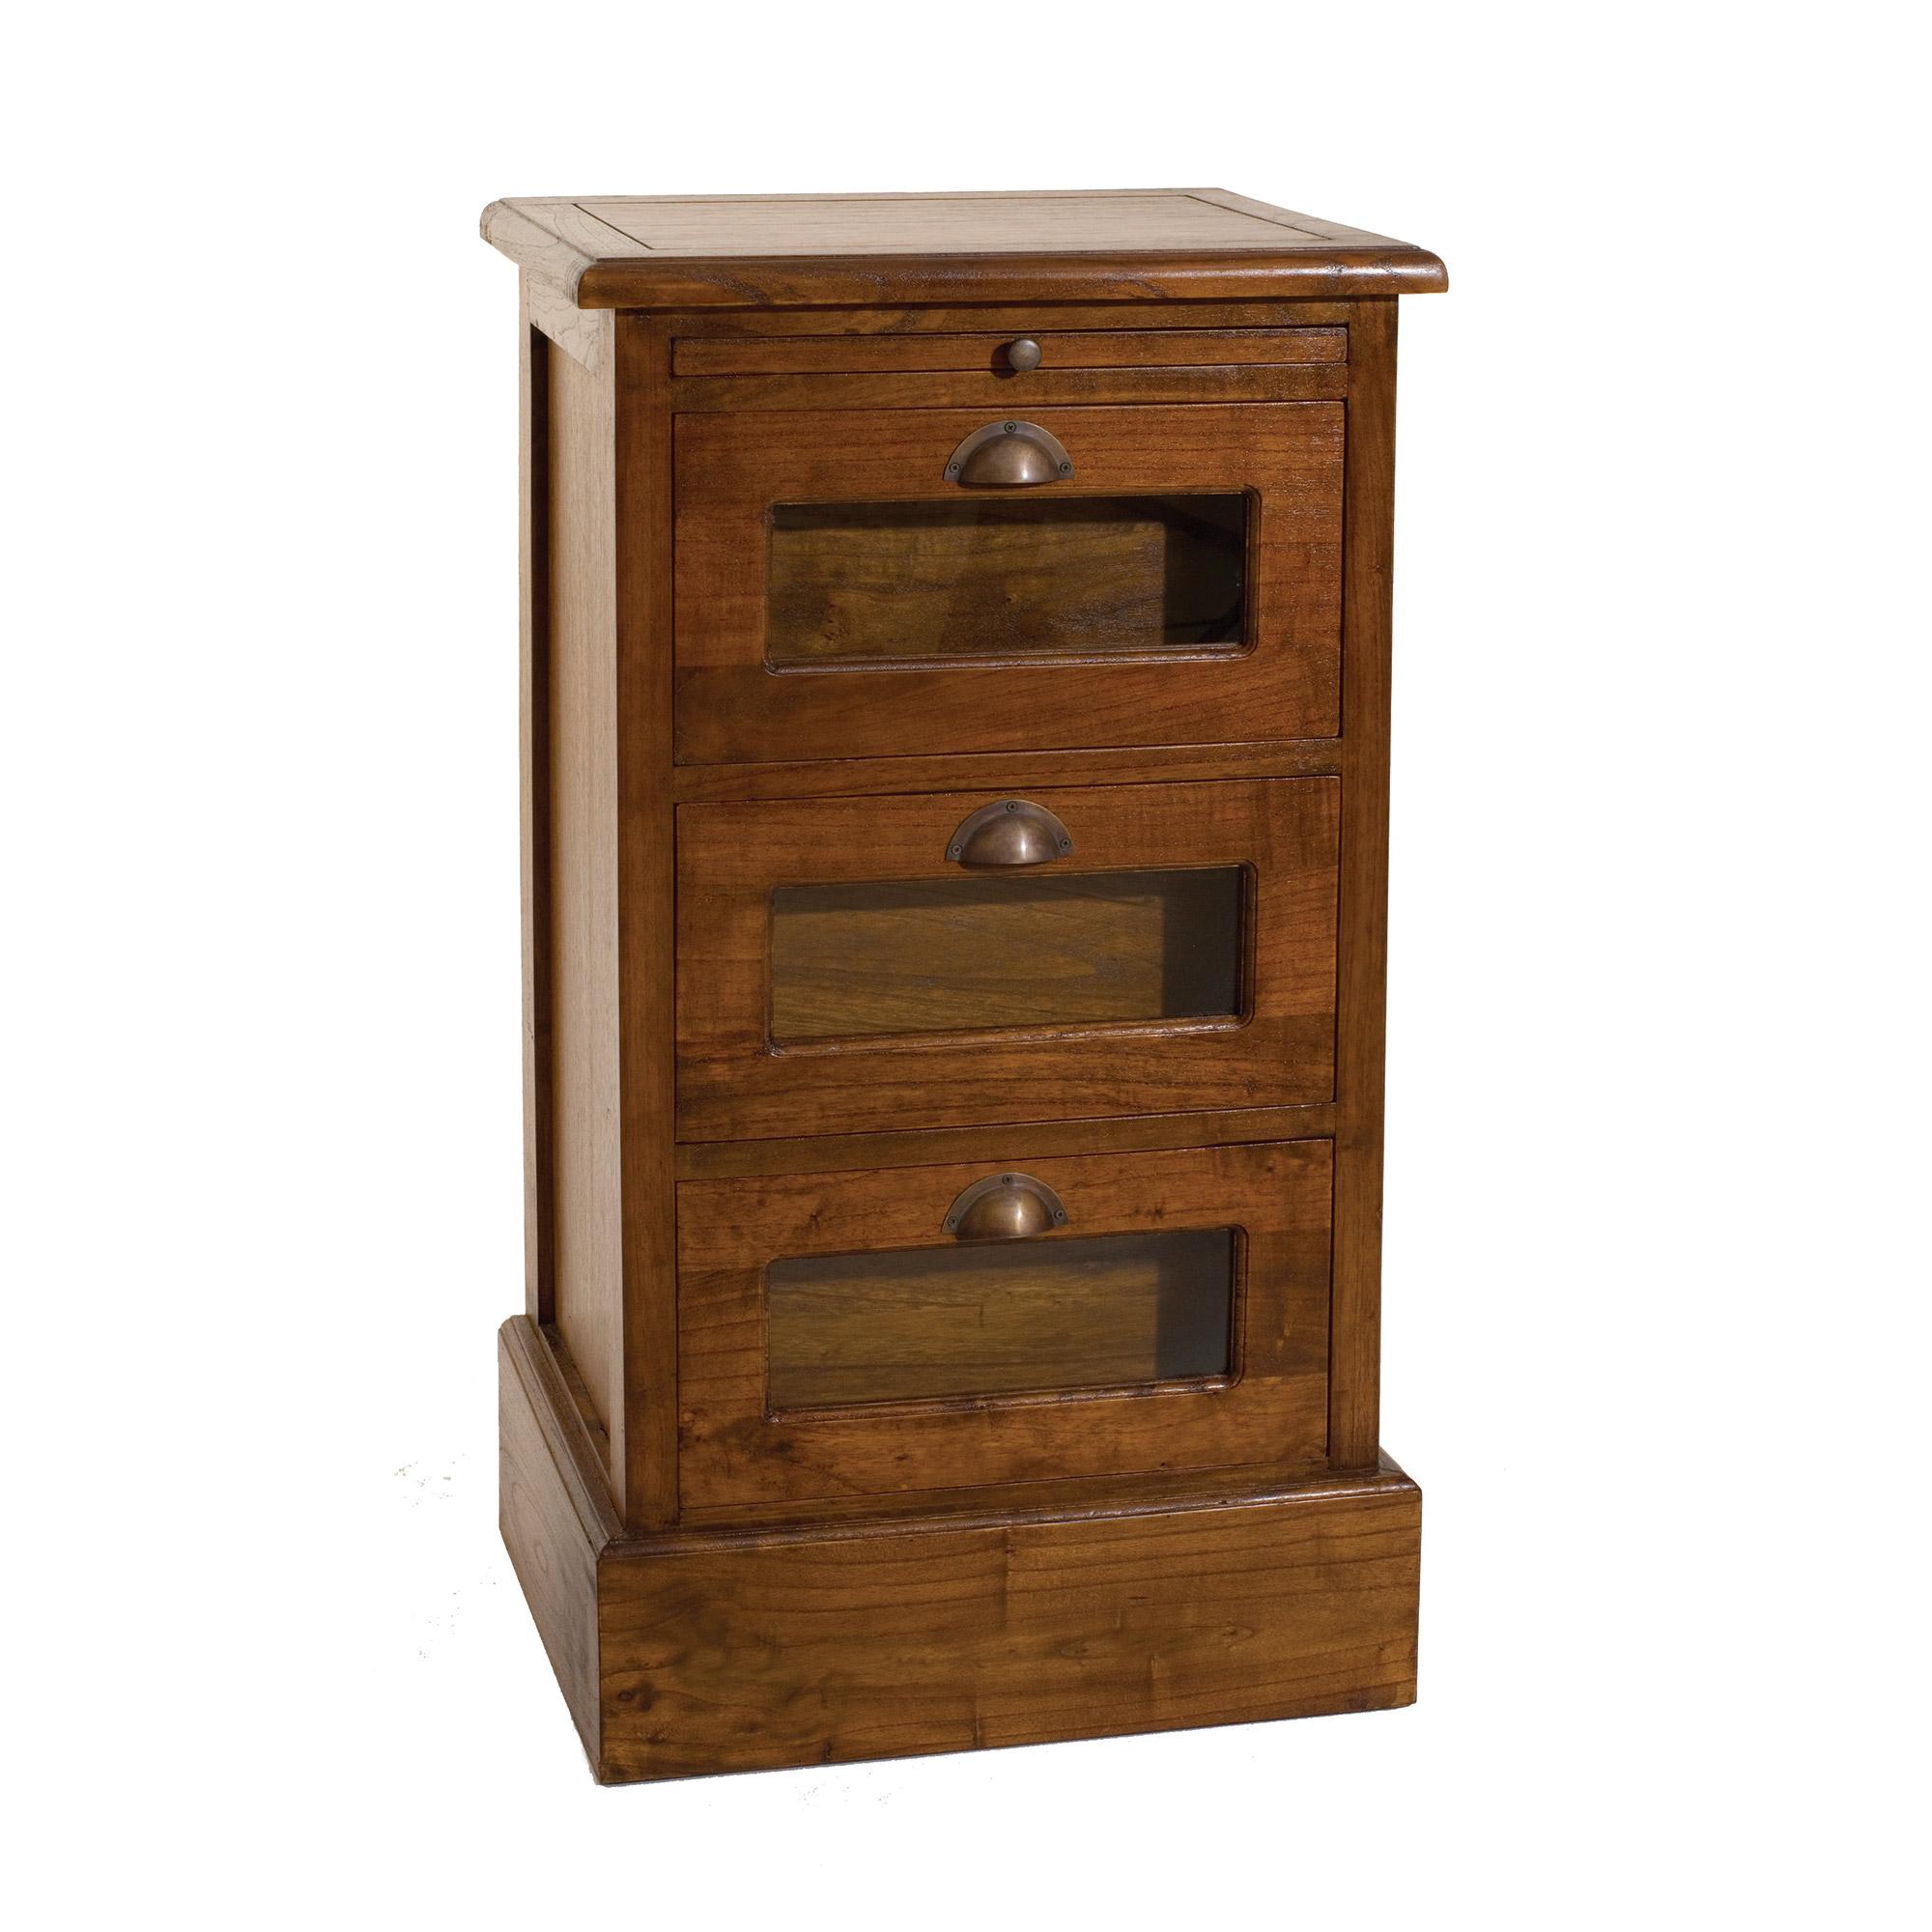 grainetier 9 tiroirs en mindi 90 x 150 cm comparer avec. Black Bedroom Furniture Sets. Home Design Ideas